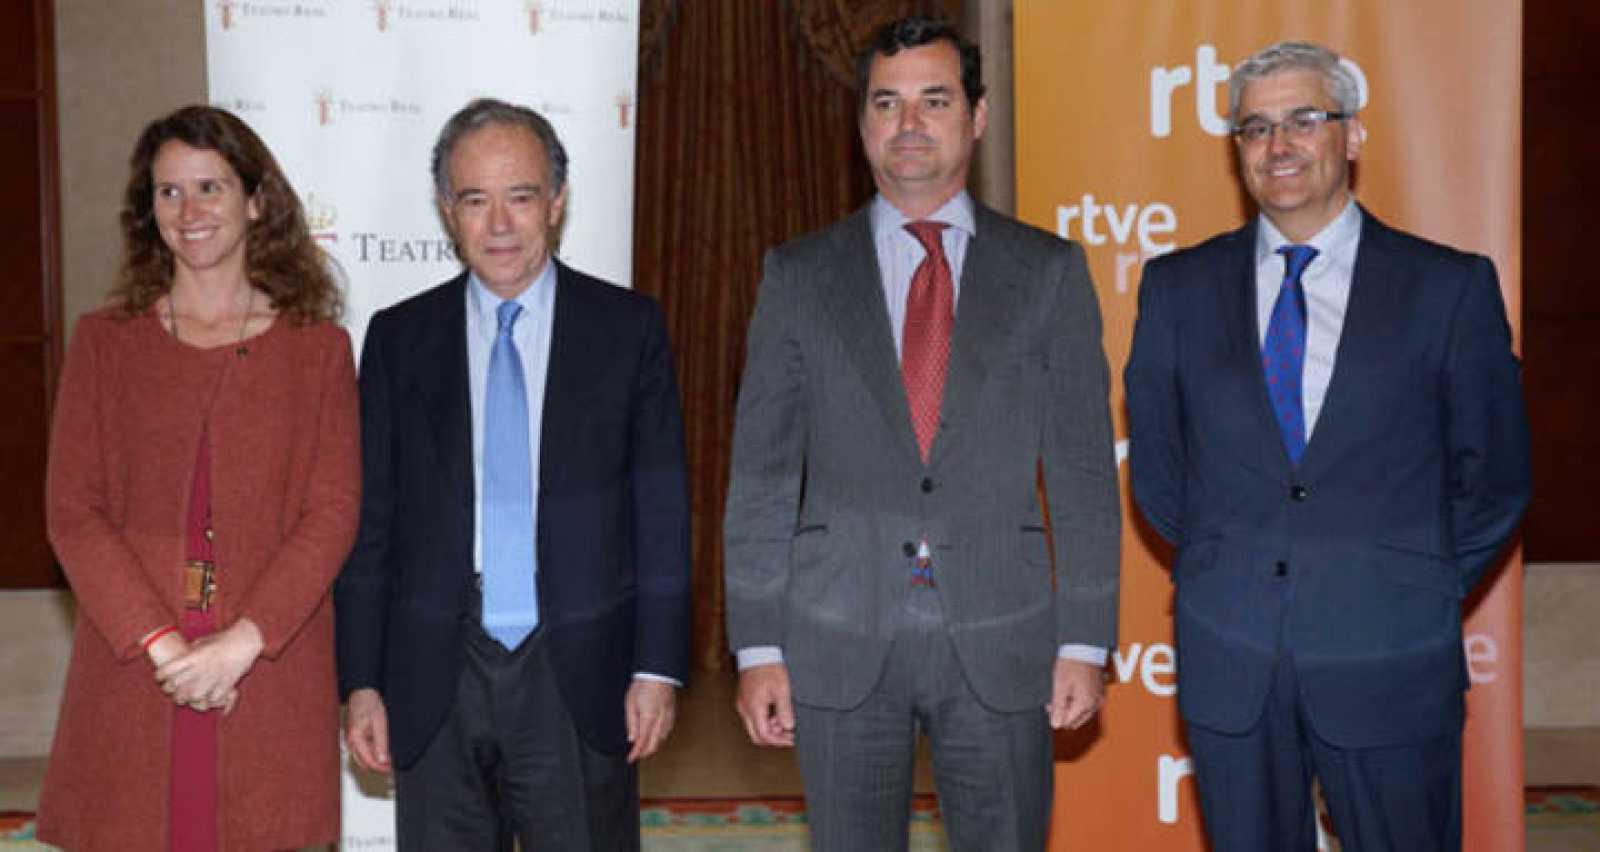 El presidente de la Corporación Rtve, Leopoldo González-Echenique, durante la firma del convenio junto a la dirección del Teatro Real.